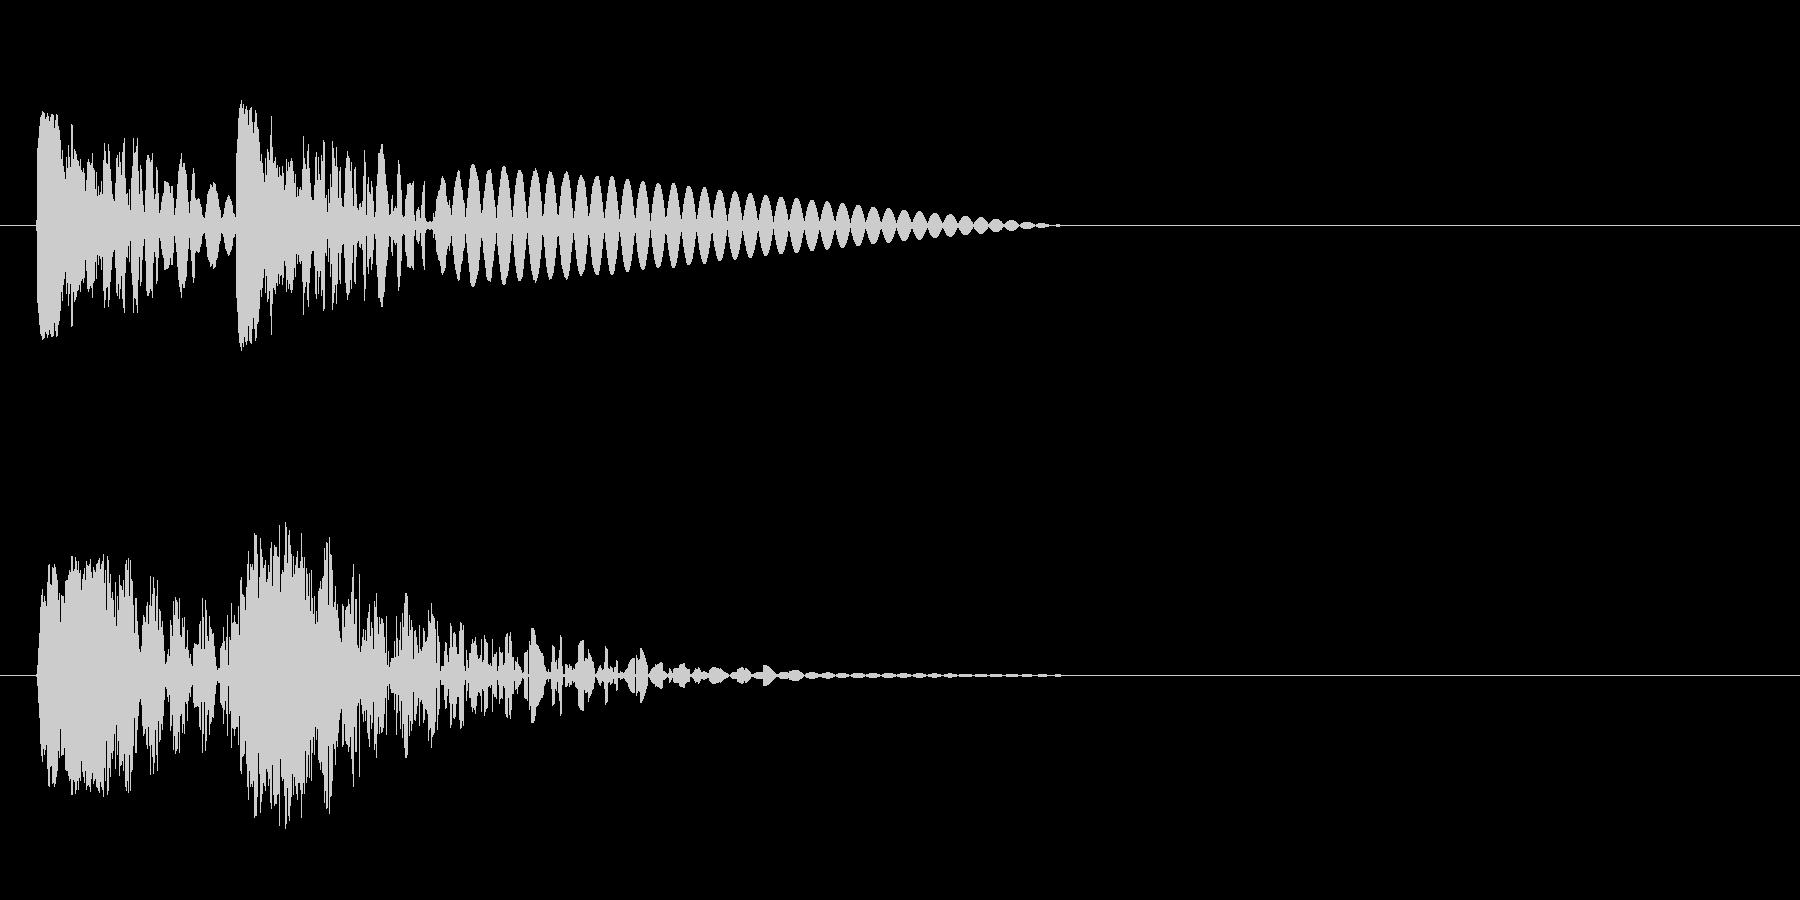 ビュビュン 射撃音 (ゲームっぽい音) の未再生の波形